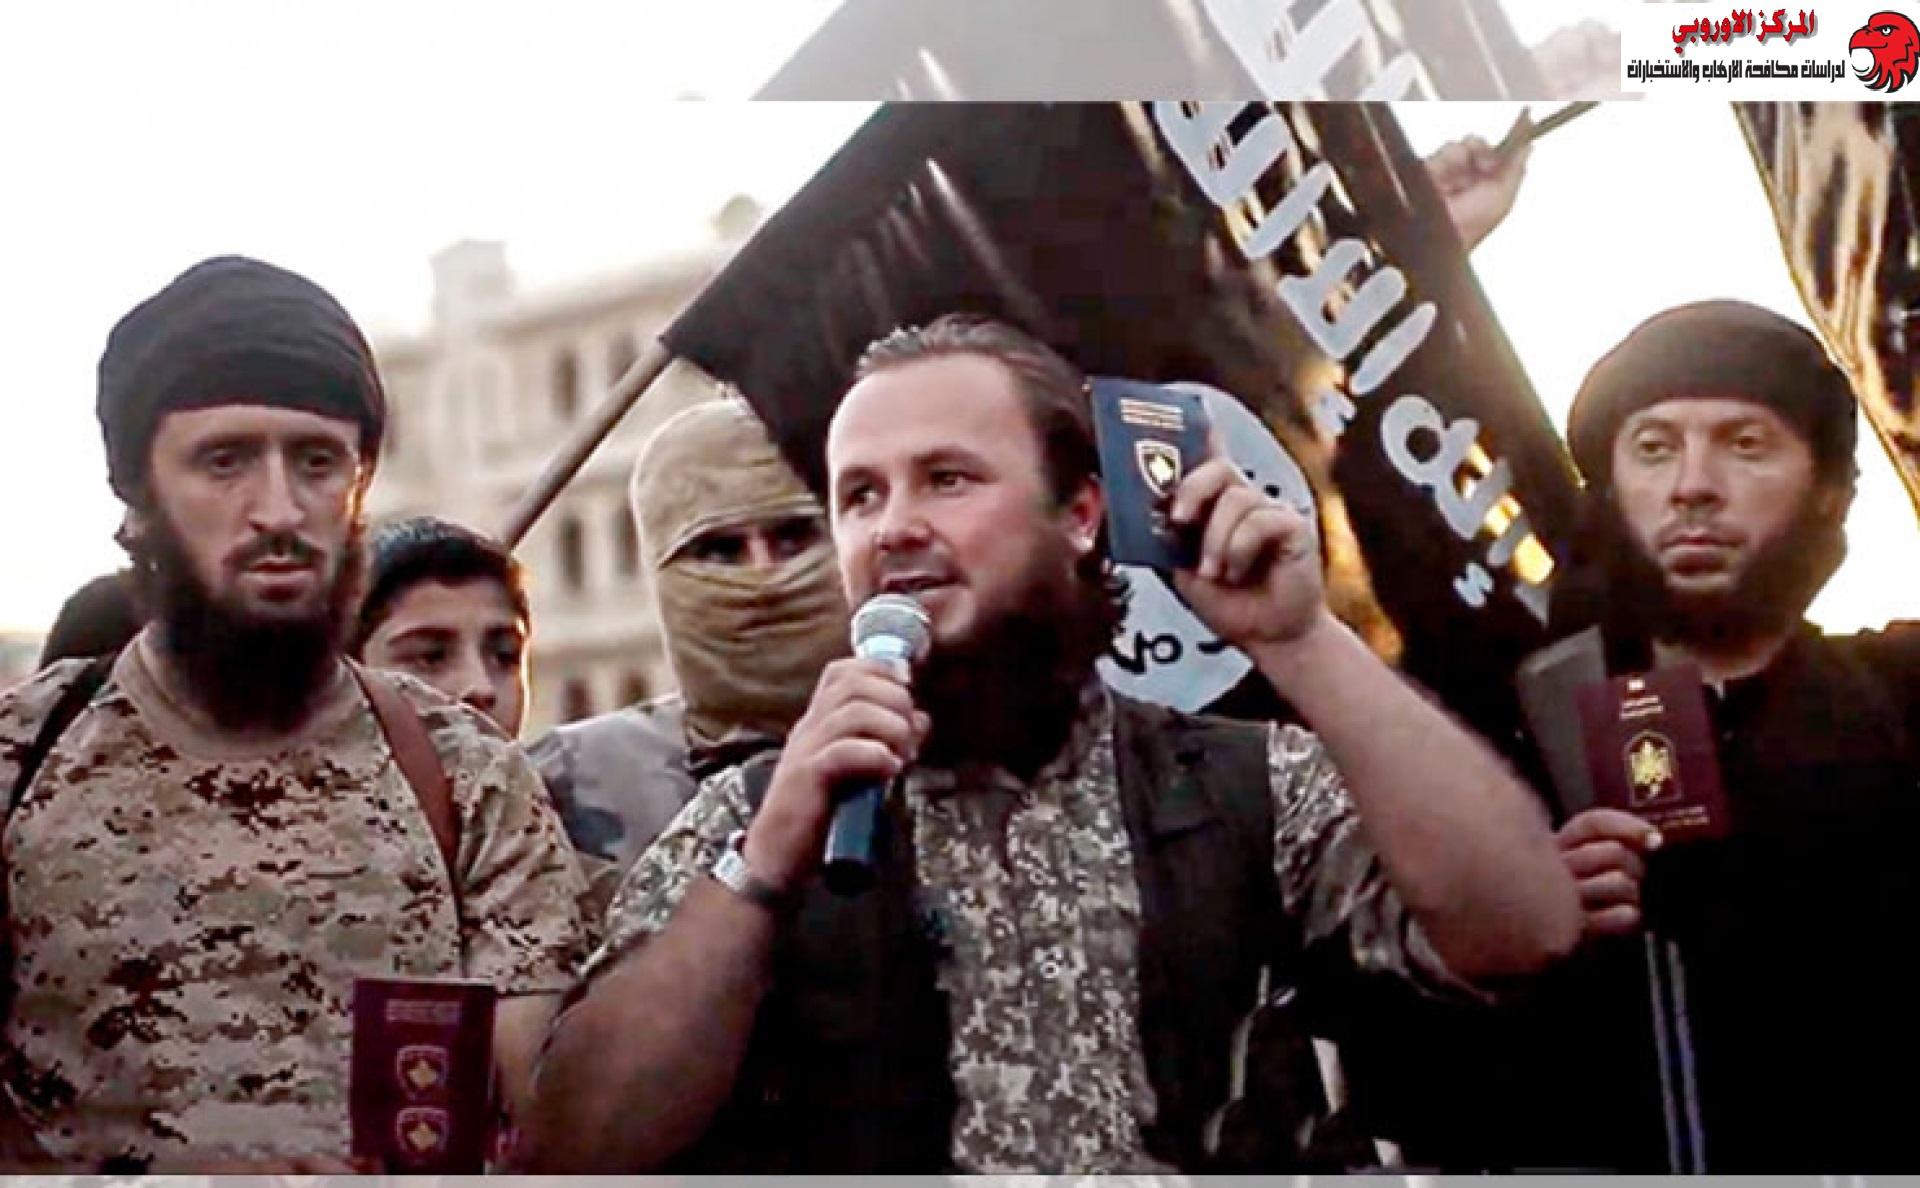 محاور الإرتكاز للمشهد الإسلاموي الشيشاني في ألمانيا